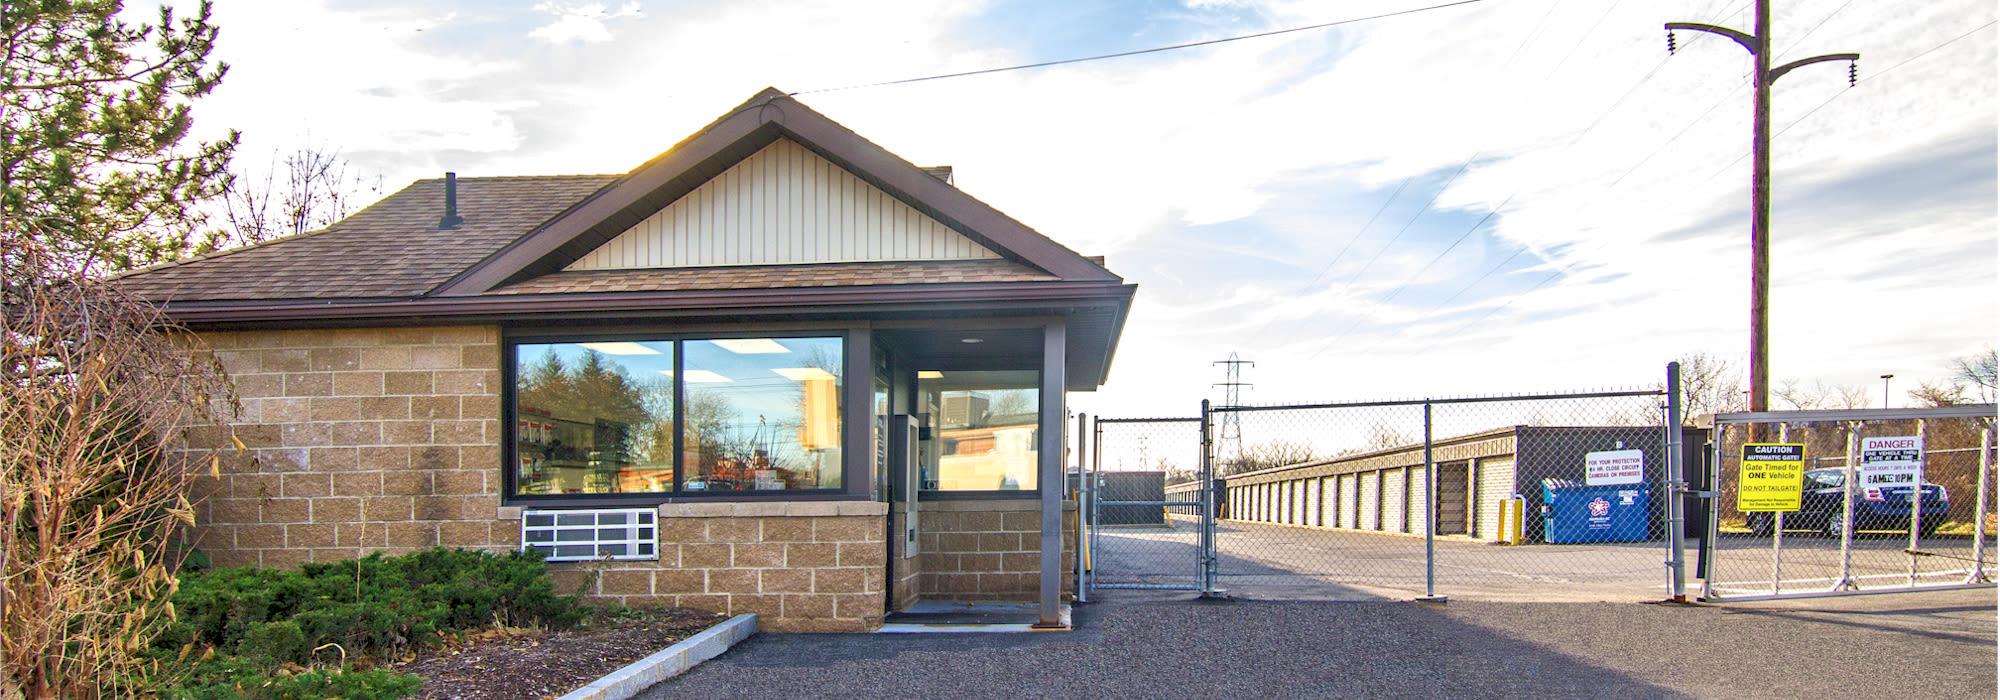 Prime Storage in Glenville, NY